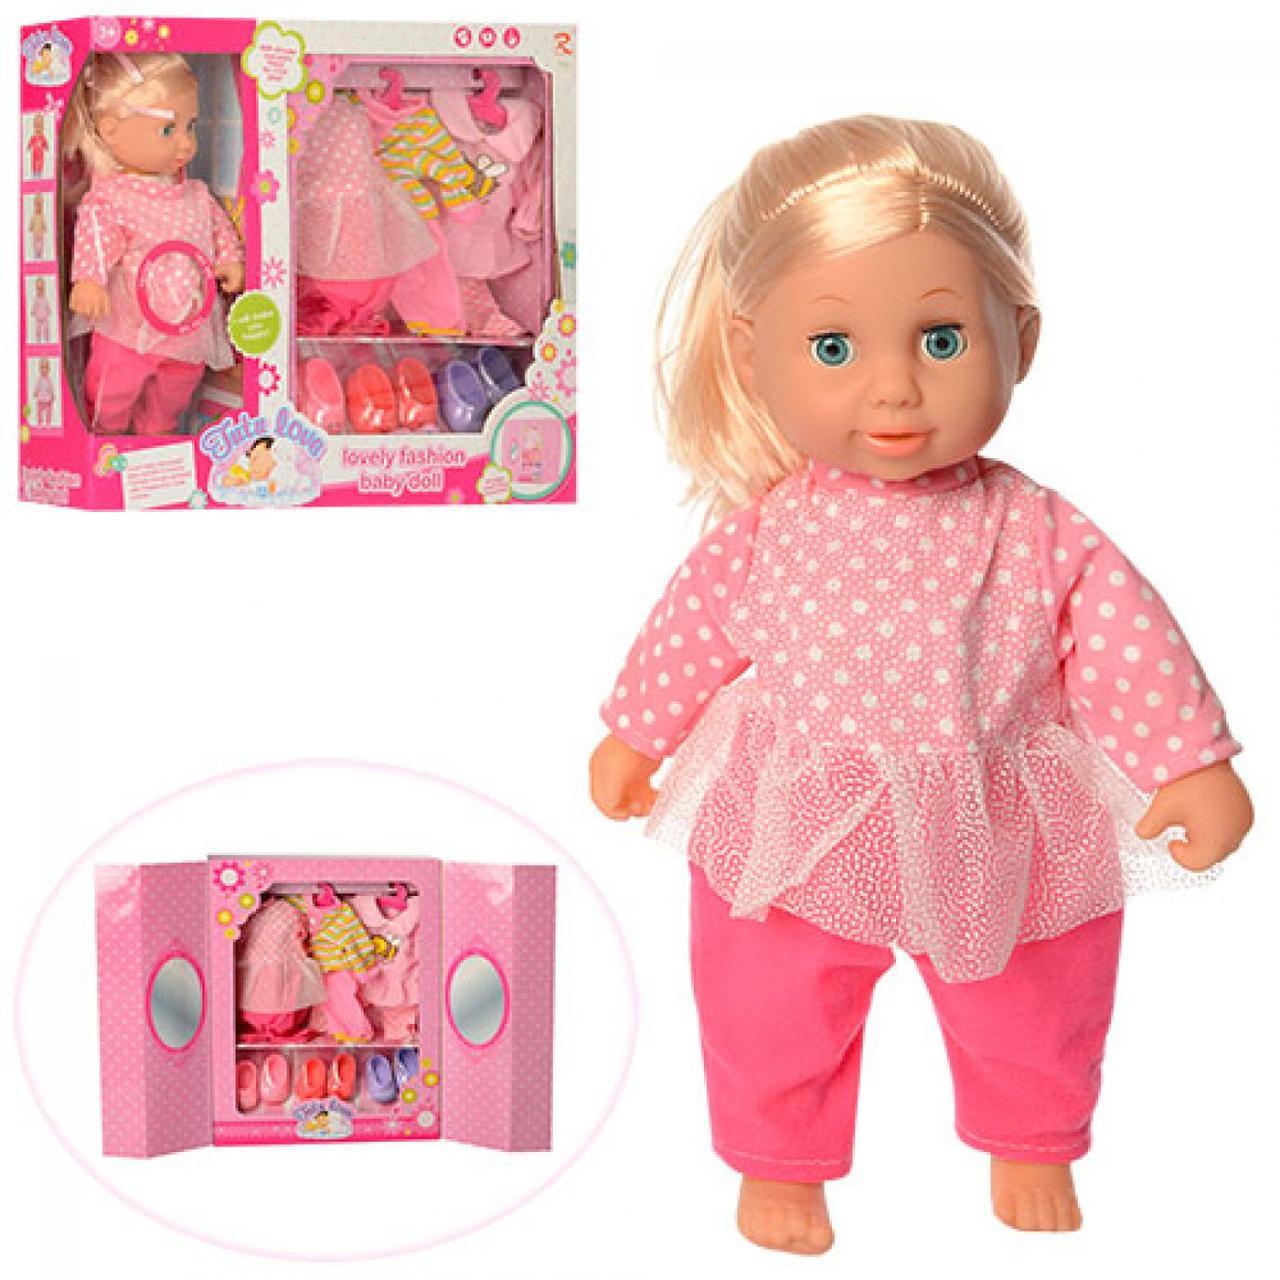 Лялька з нарядом 37см,3 сукні,м'яконабивна,взуття,звук,на бат-ці,в кор-ці,49х40,5х11см №9580(12)